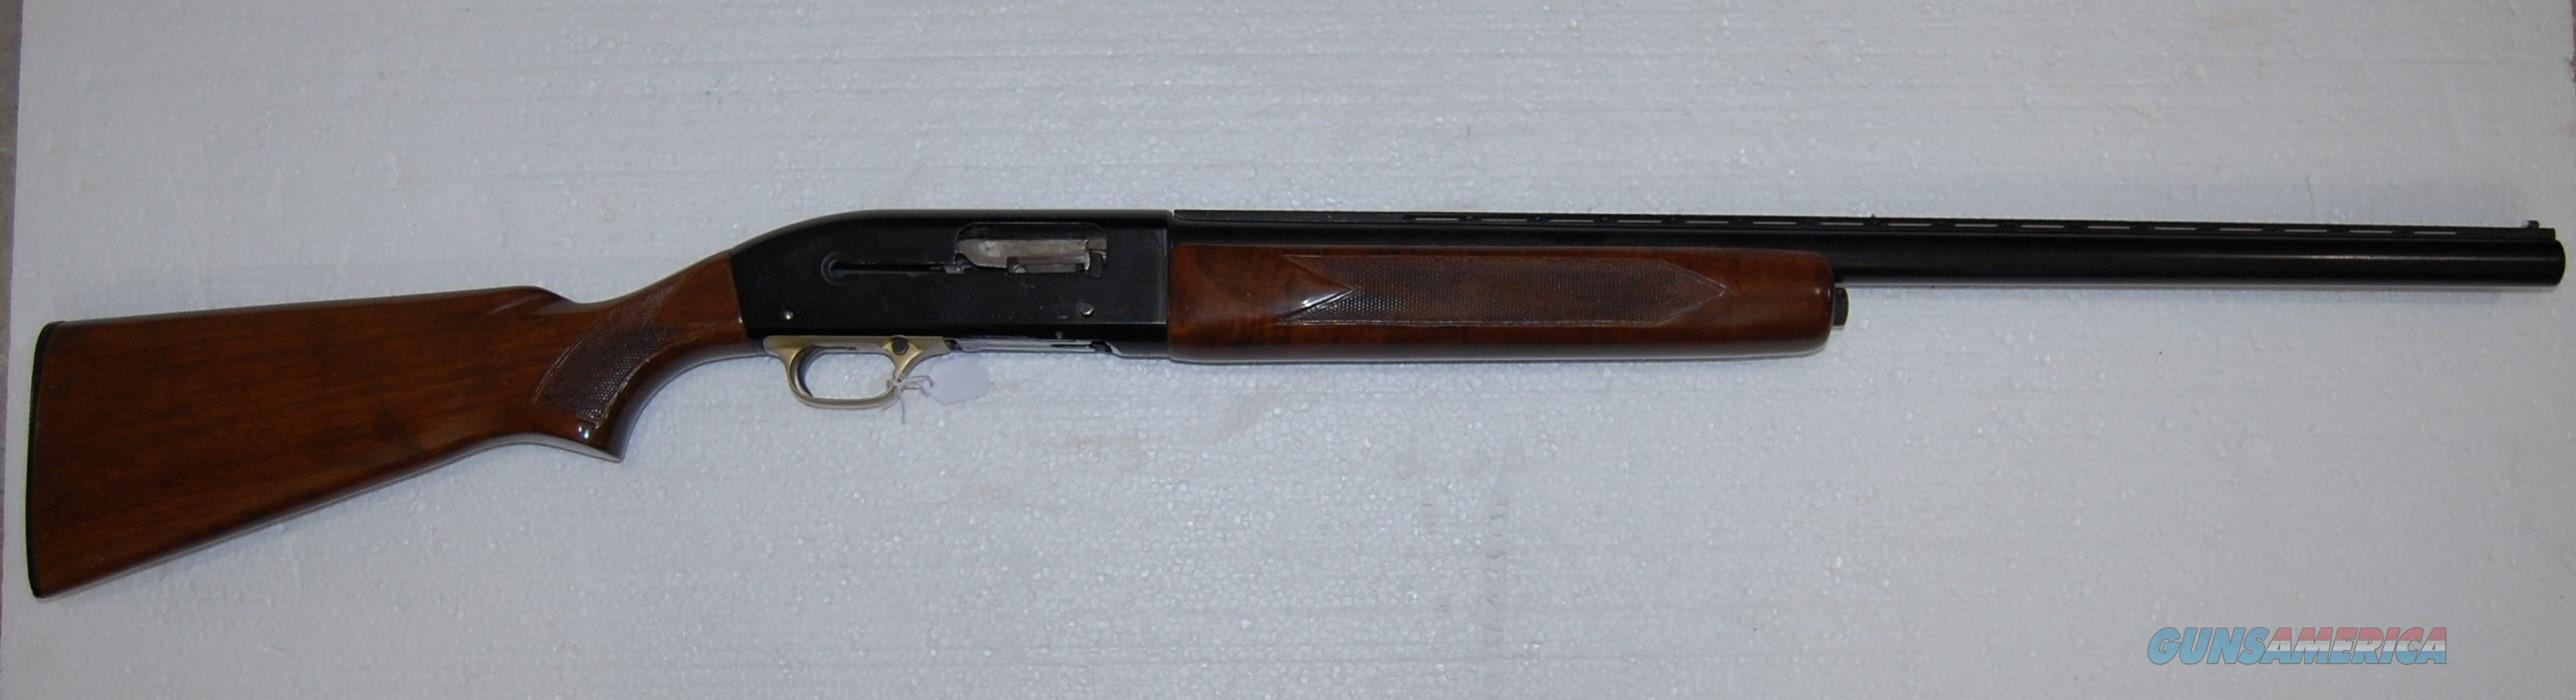 Winchester Model M59  Guns > Shotguns > Winchester Shotguns - Modern > Autoloaders > Hunting